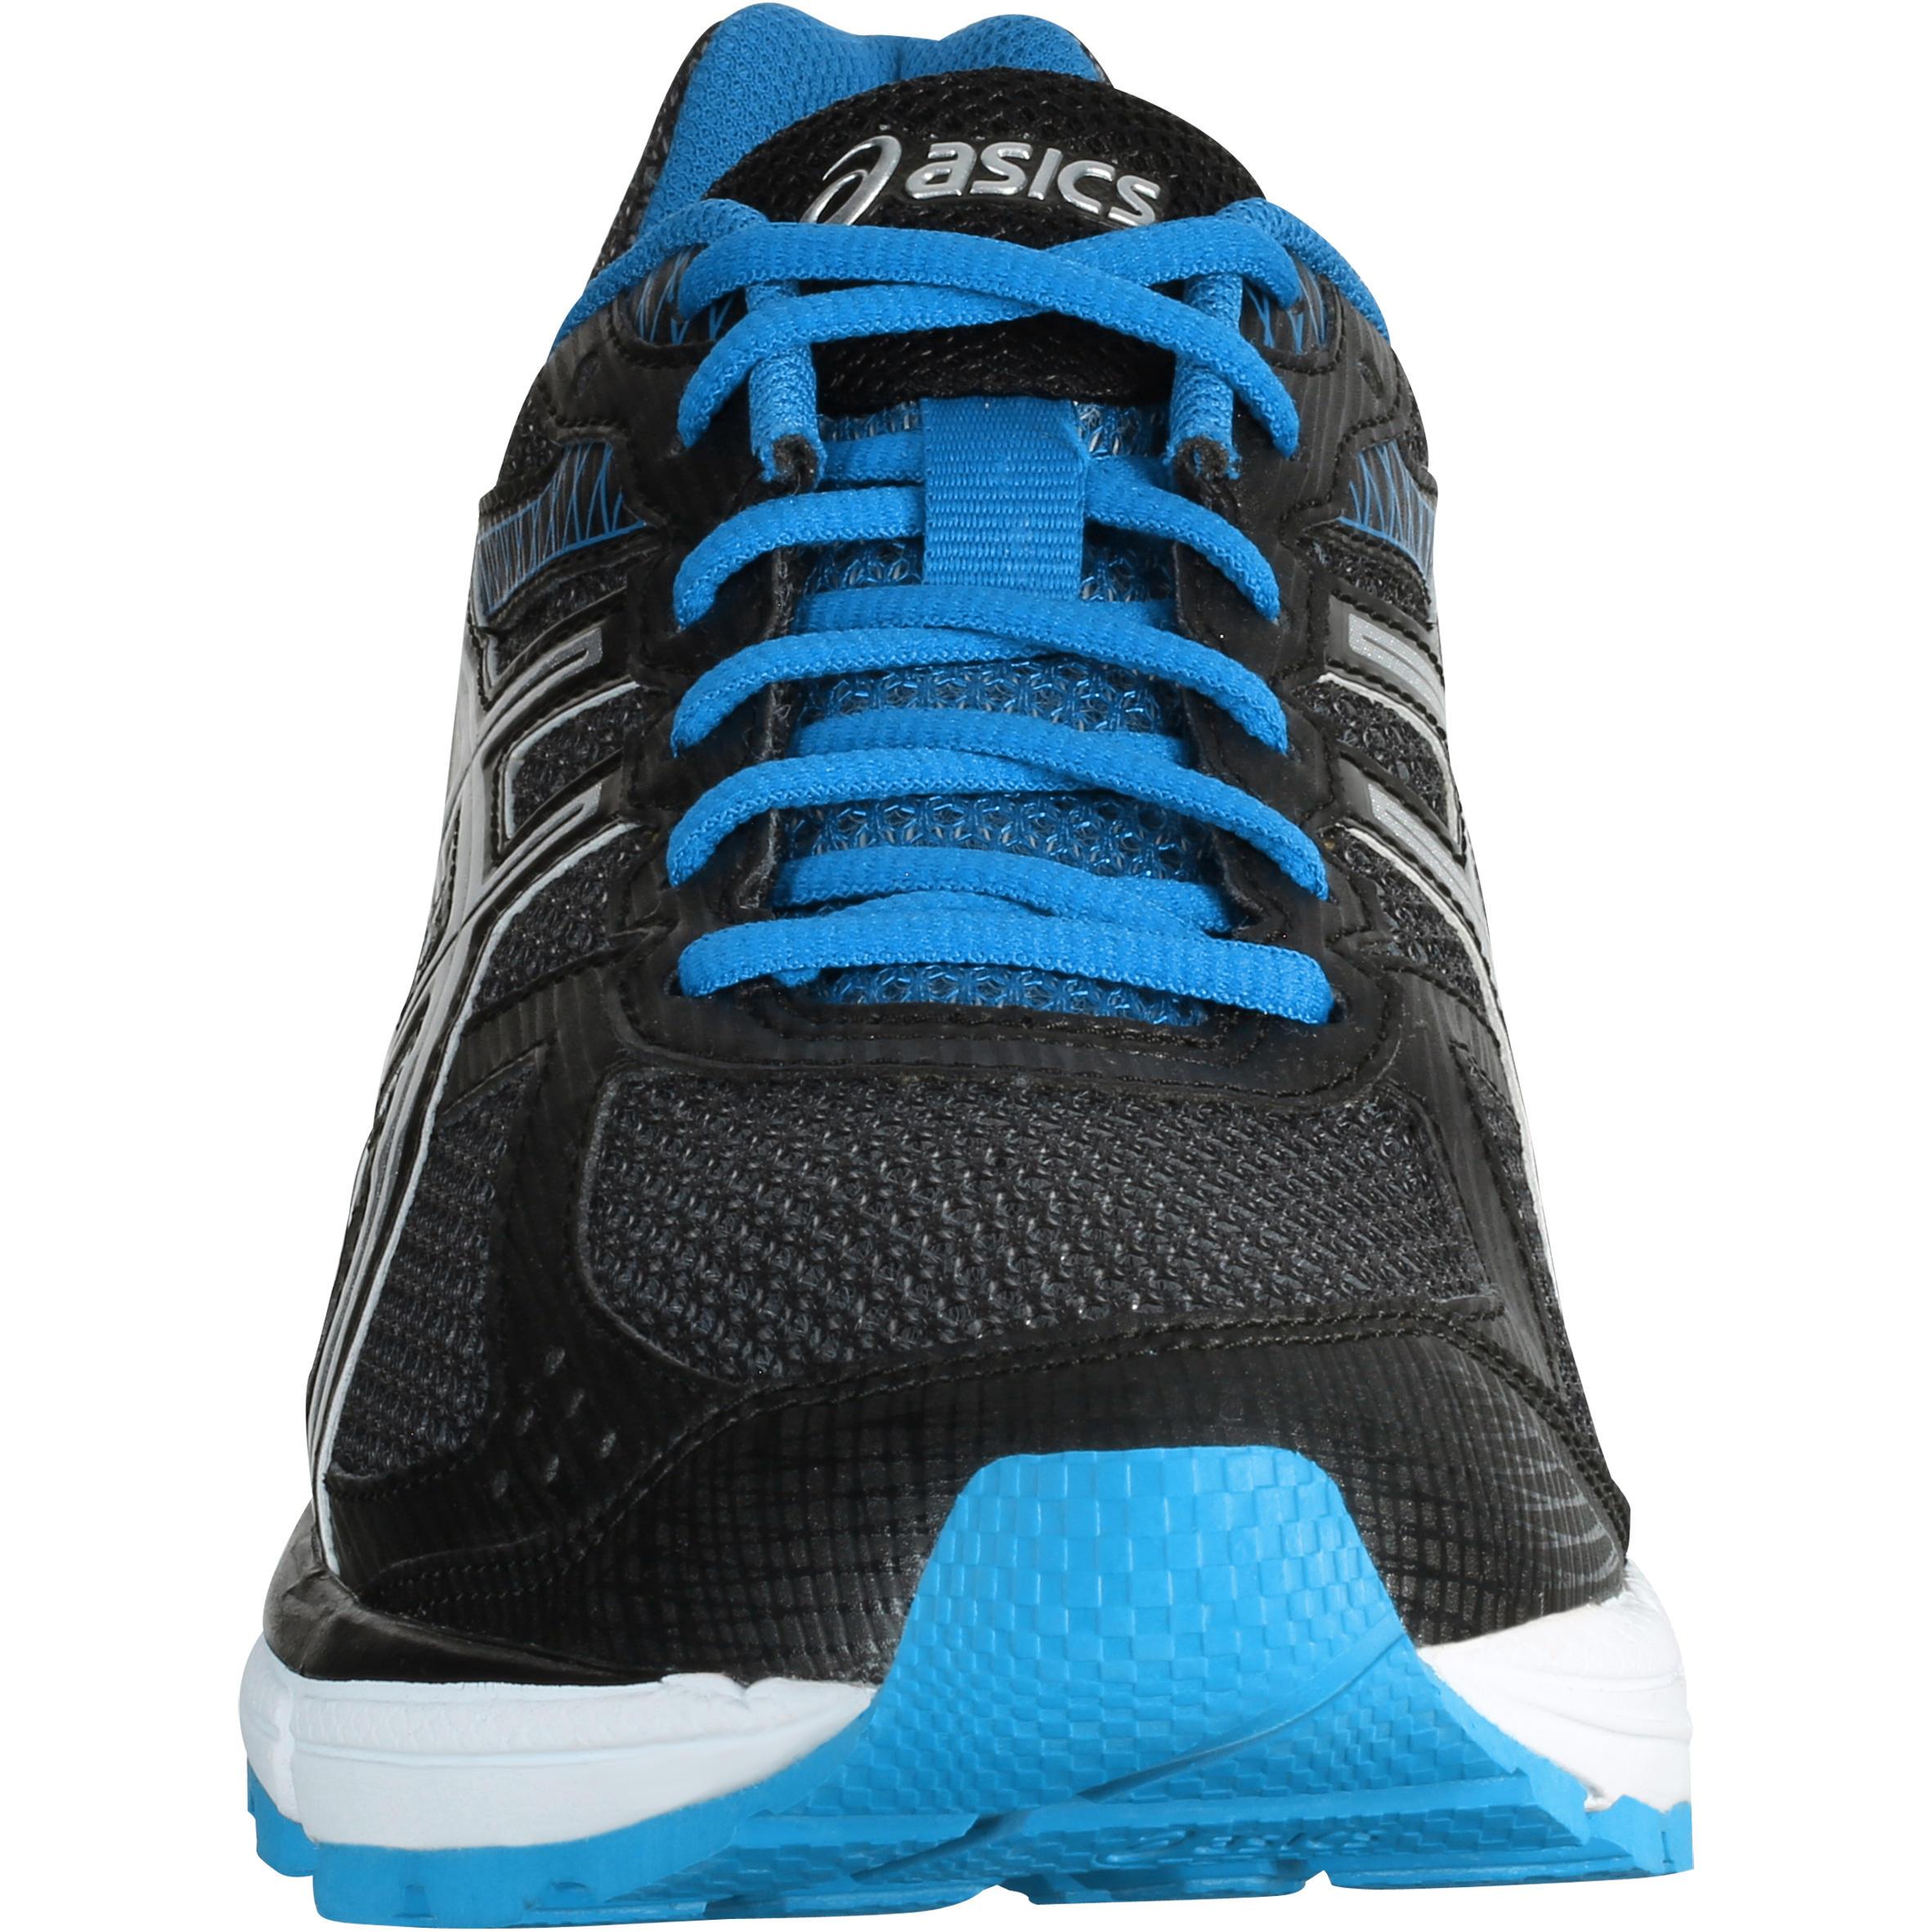 Homme Noir Bleu Running Chaussure 2 De Asics Gel Runmiles xrdWCBoe